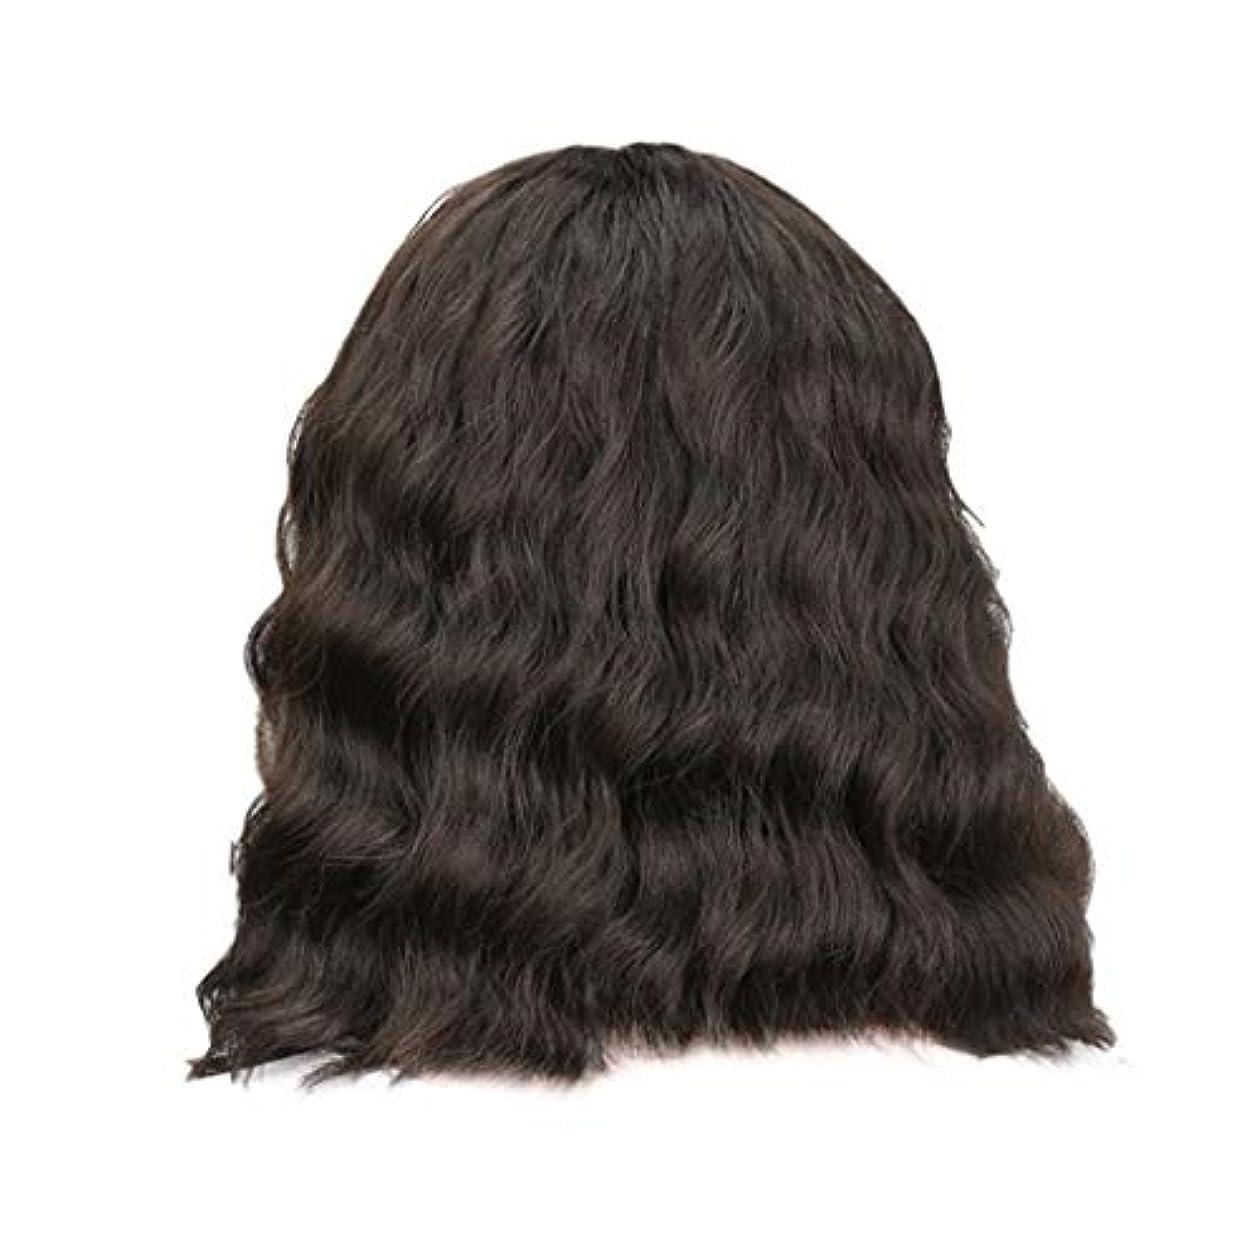 ユーモア甘いフレッシュ女性の黒の短い巻き毛のかつらボブ波かつらローズネット34 cm